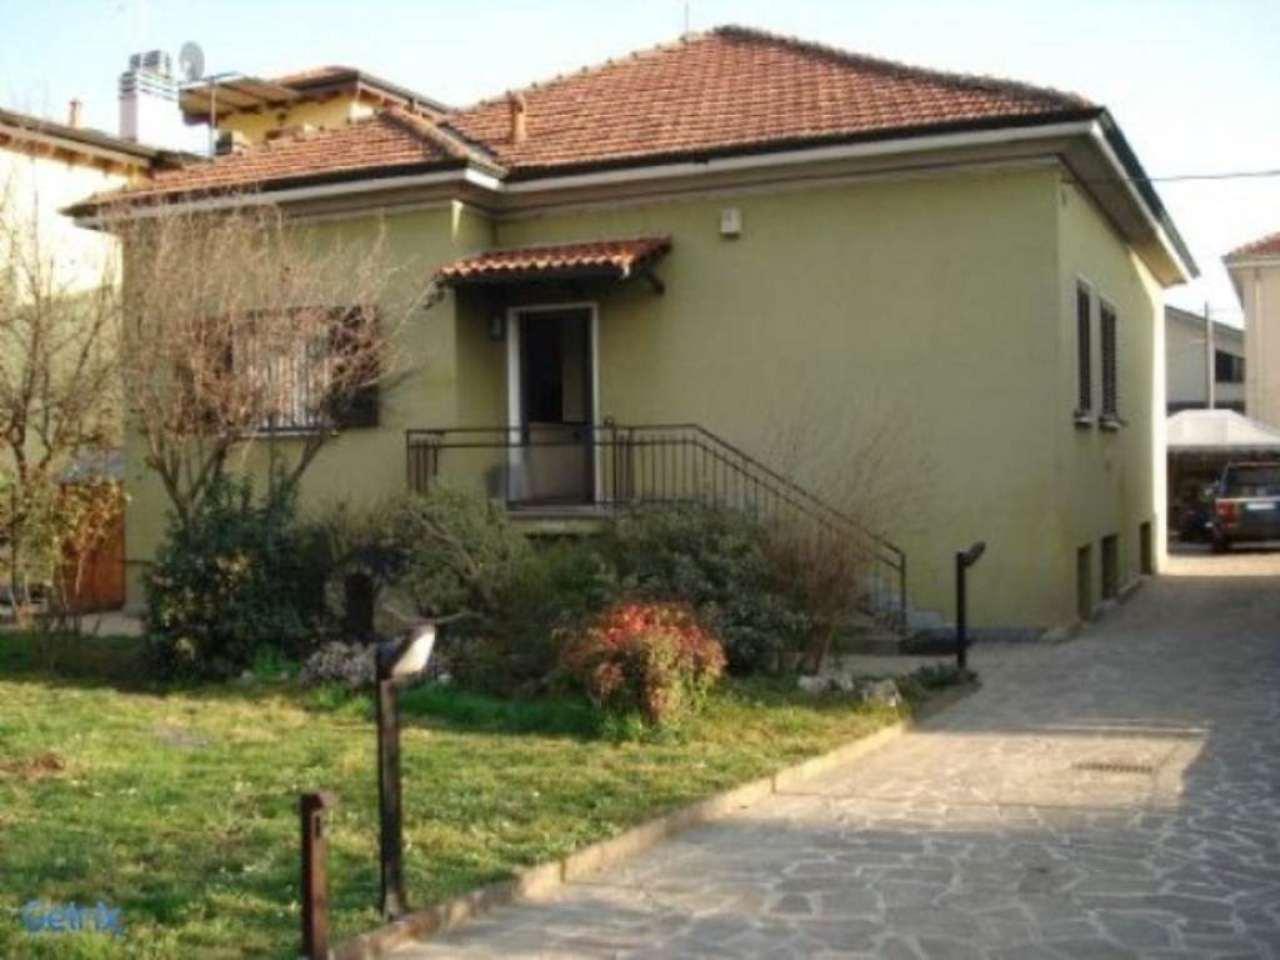 Villa in vendita a Cormano, 3 locali, prezzo € 670.000 | Cambio Casa.it